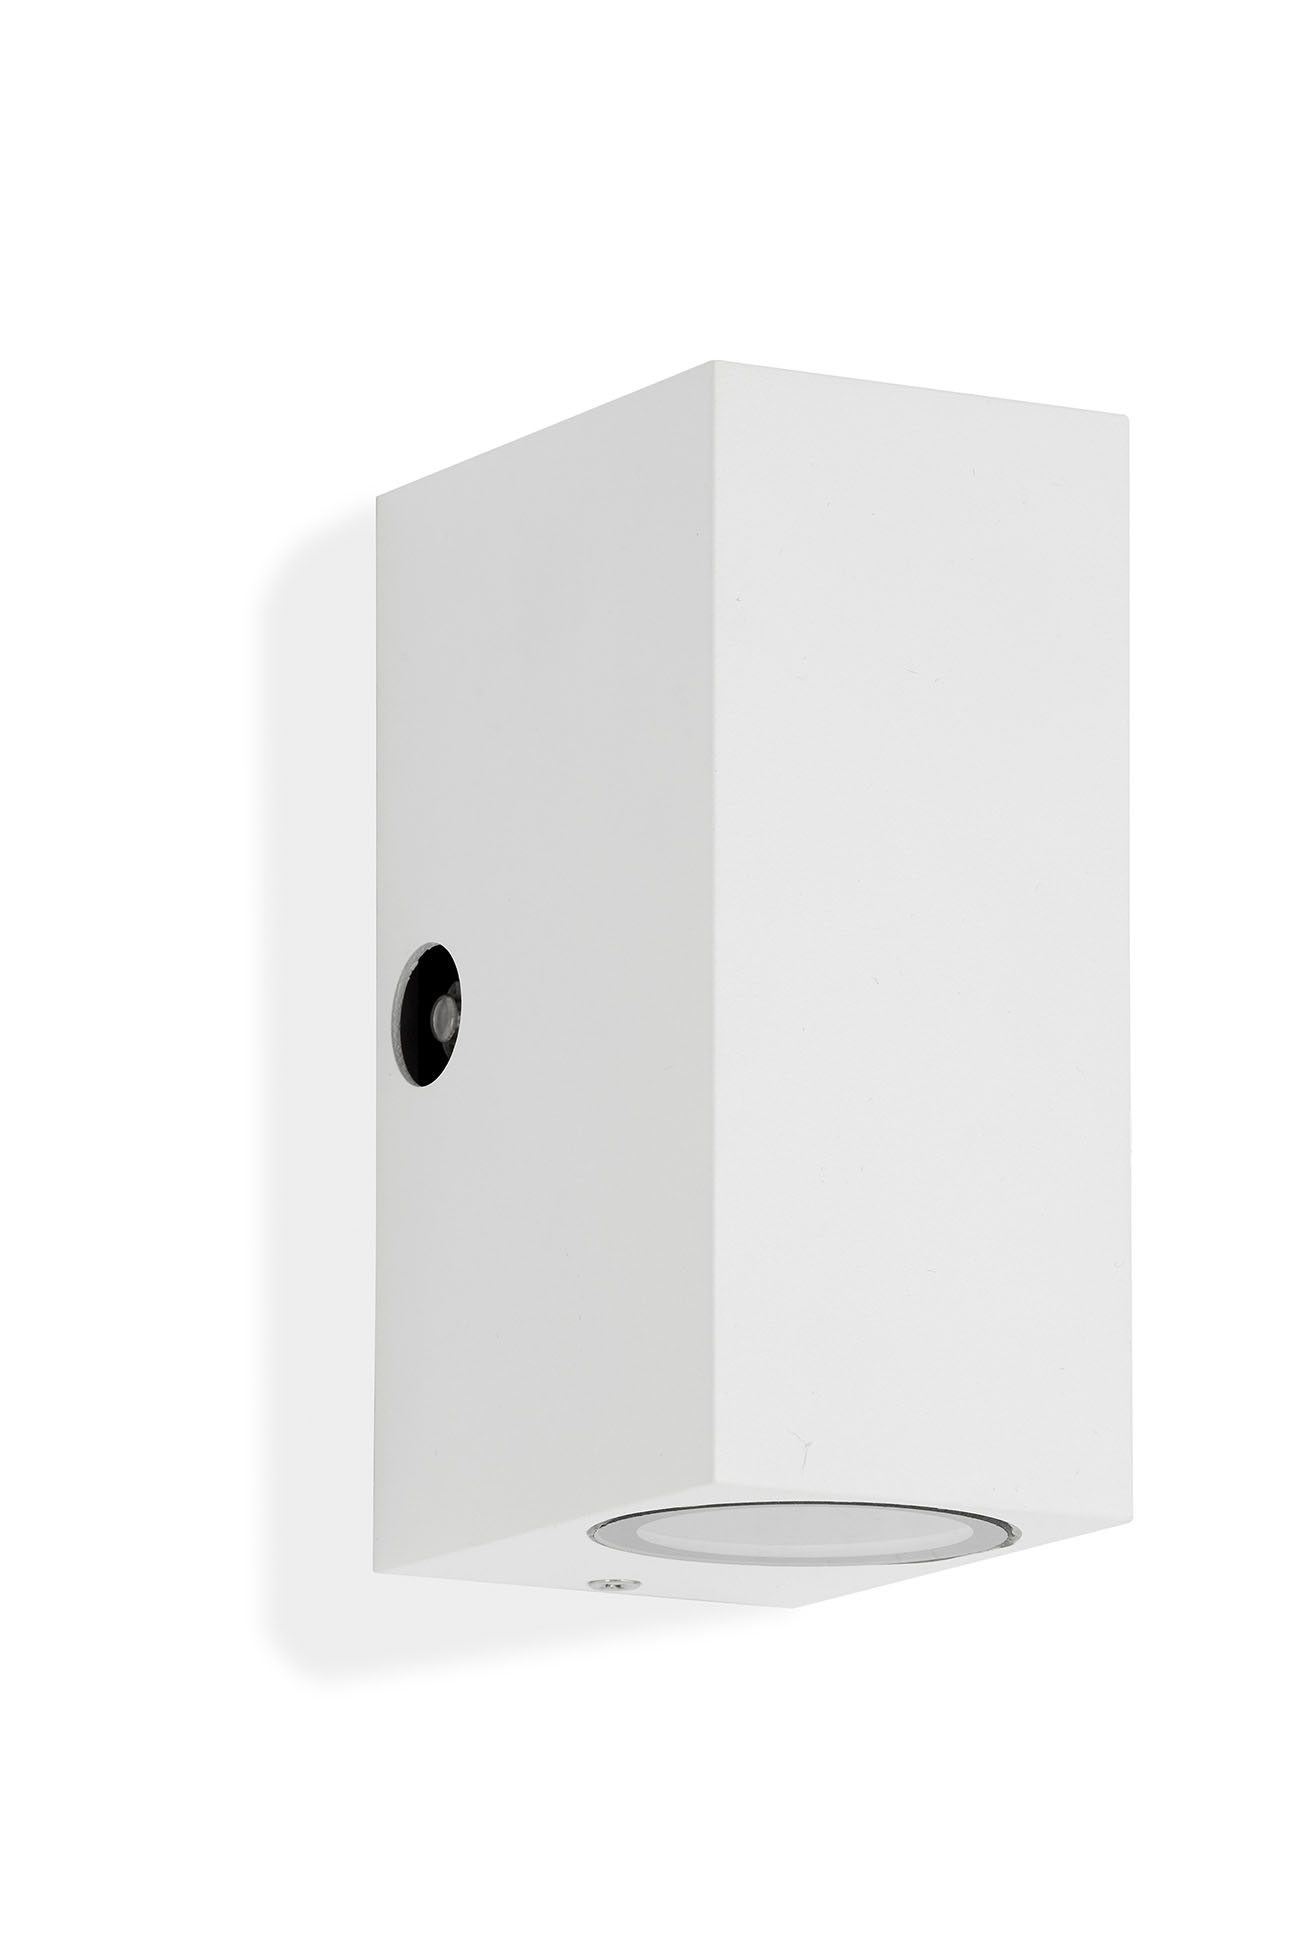 TELEFUNKEN Sensor LED Aussenleuchte, 15,1 cm, 7,5 W, Weiss